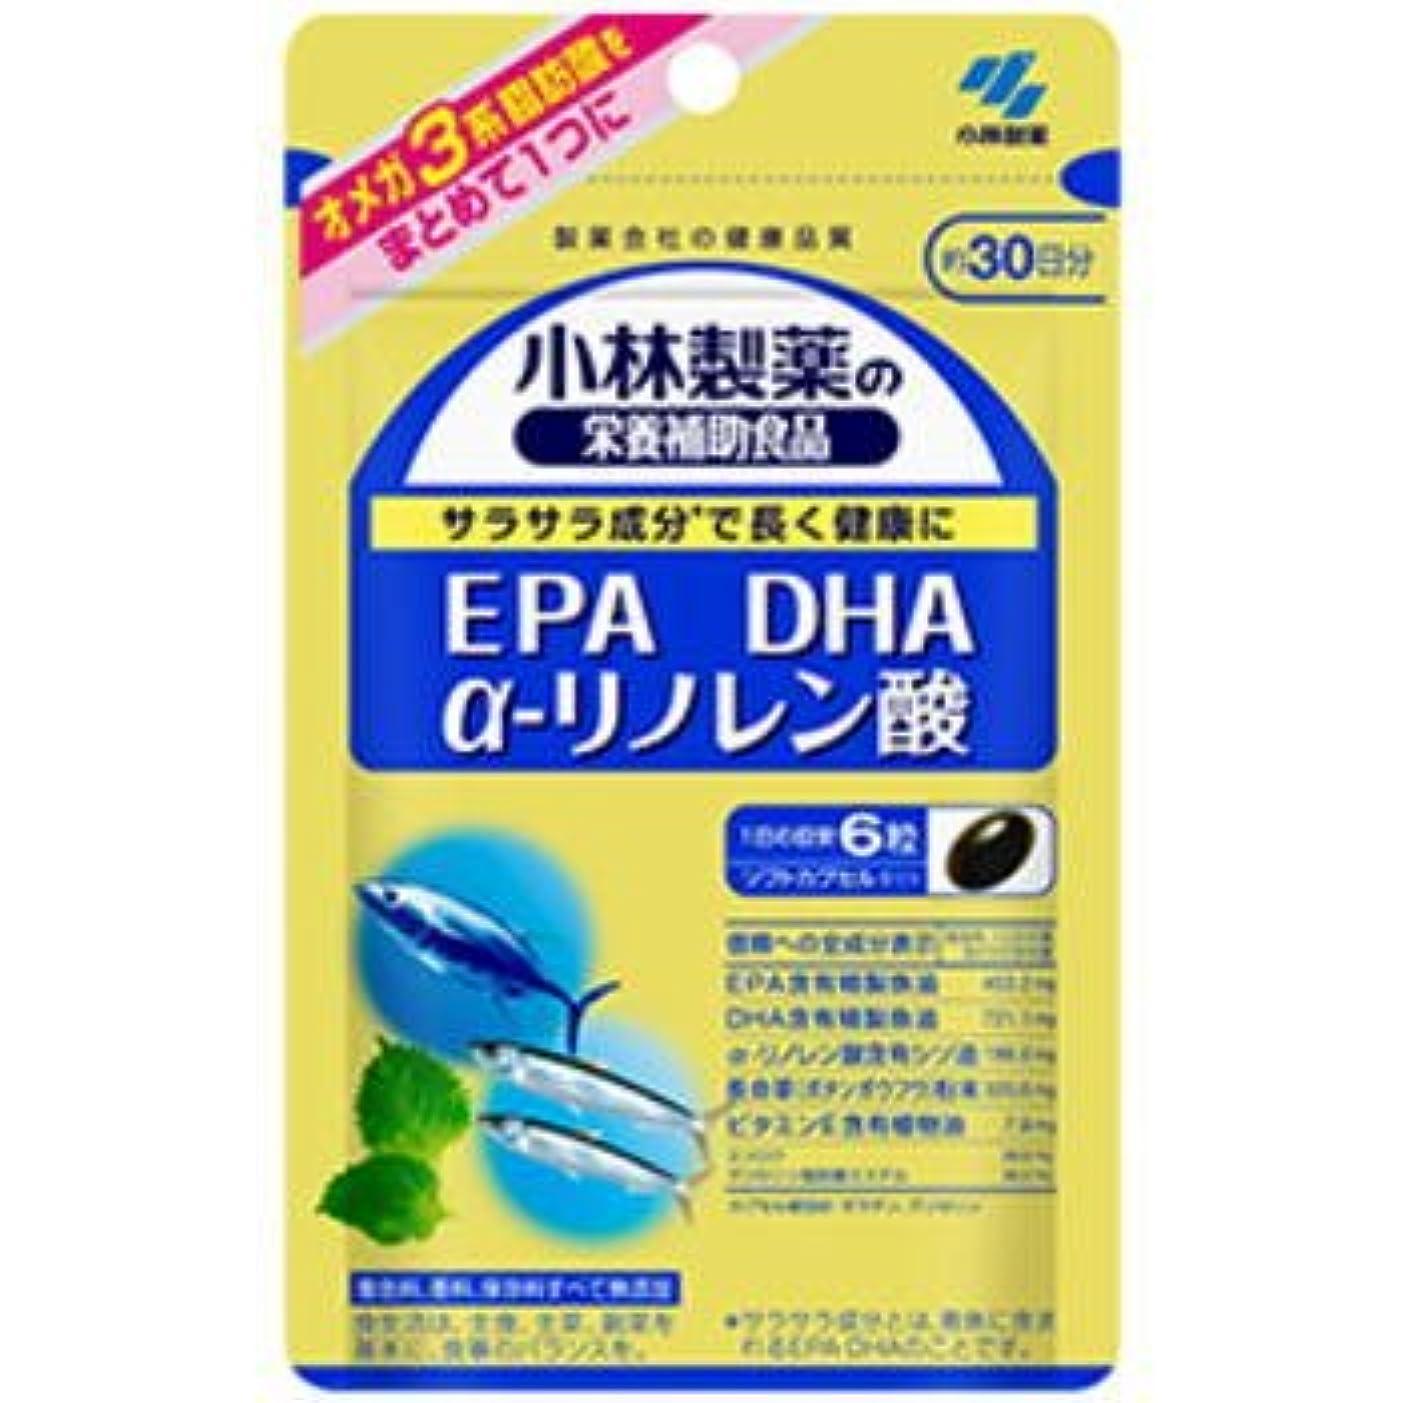 展開する隠す会話型小林製薬 EPA DHA α-リノレン酸 180粒×6個セット【ネコポス発送】